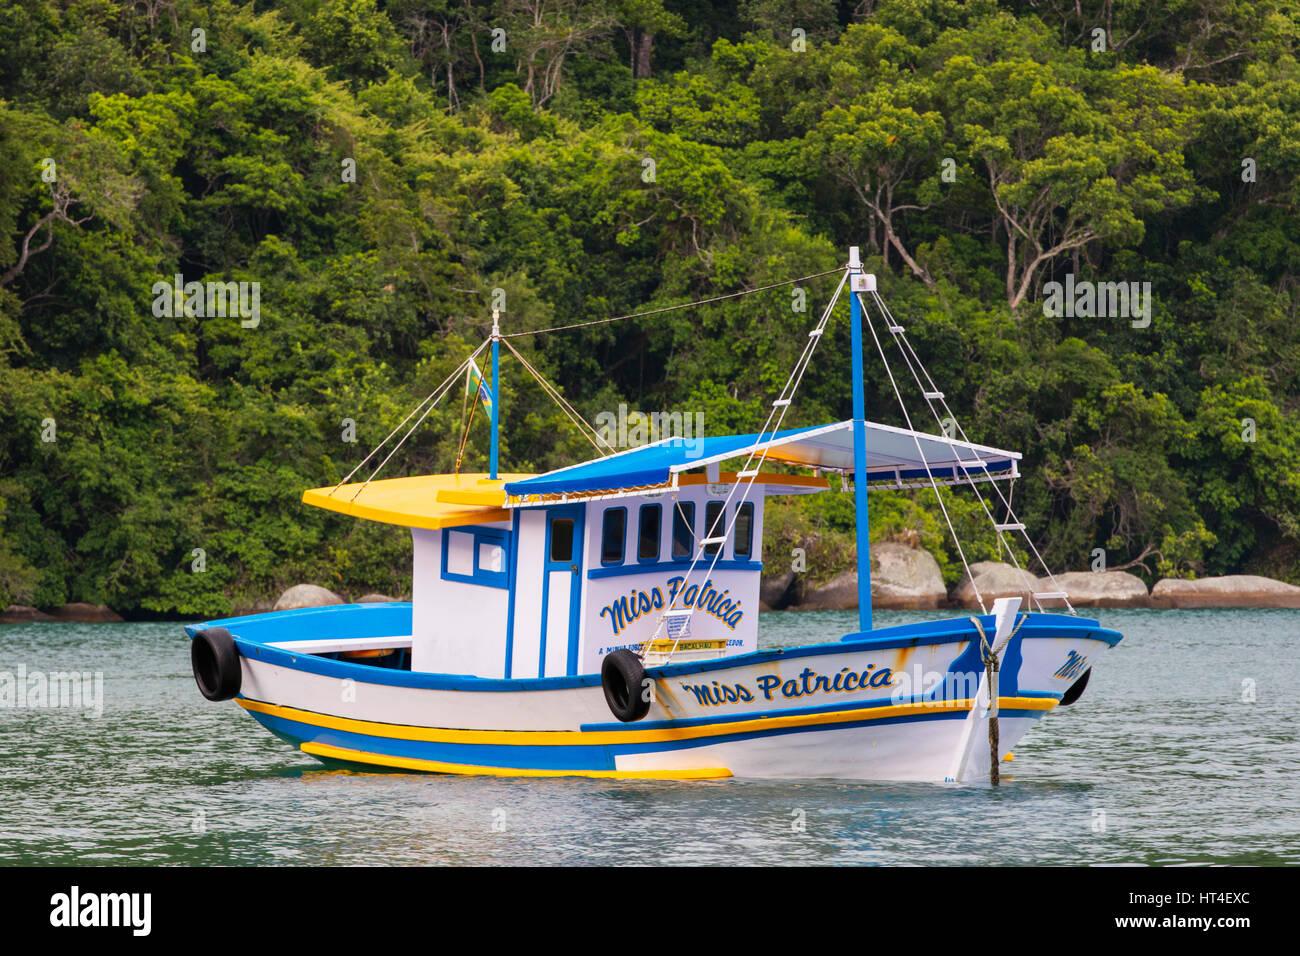 Un colorato la barca di legno. Ilha Grande, RJ, Brasile. Immagini Stock